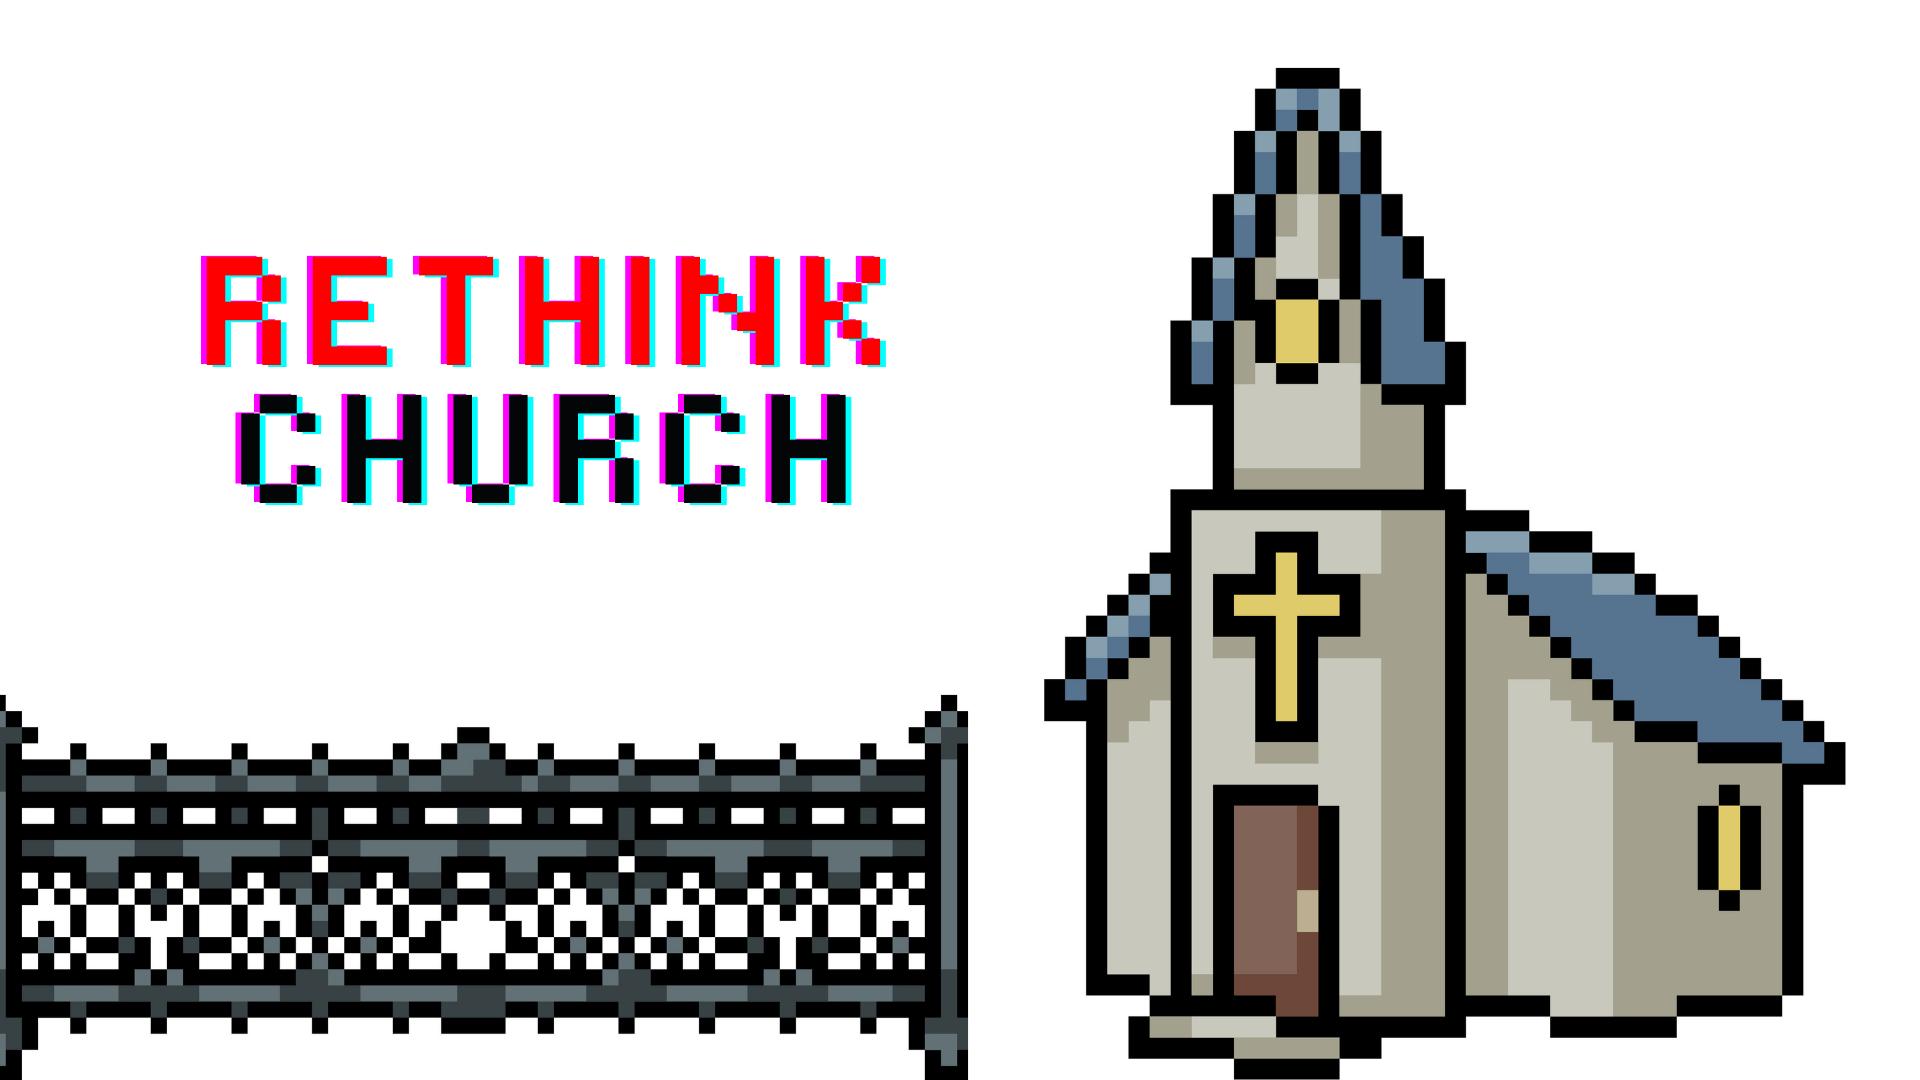 당신의 머릿 속에 교회는 어떤 모습을 띄고 있는가?